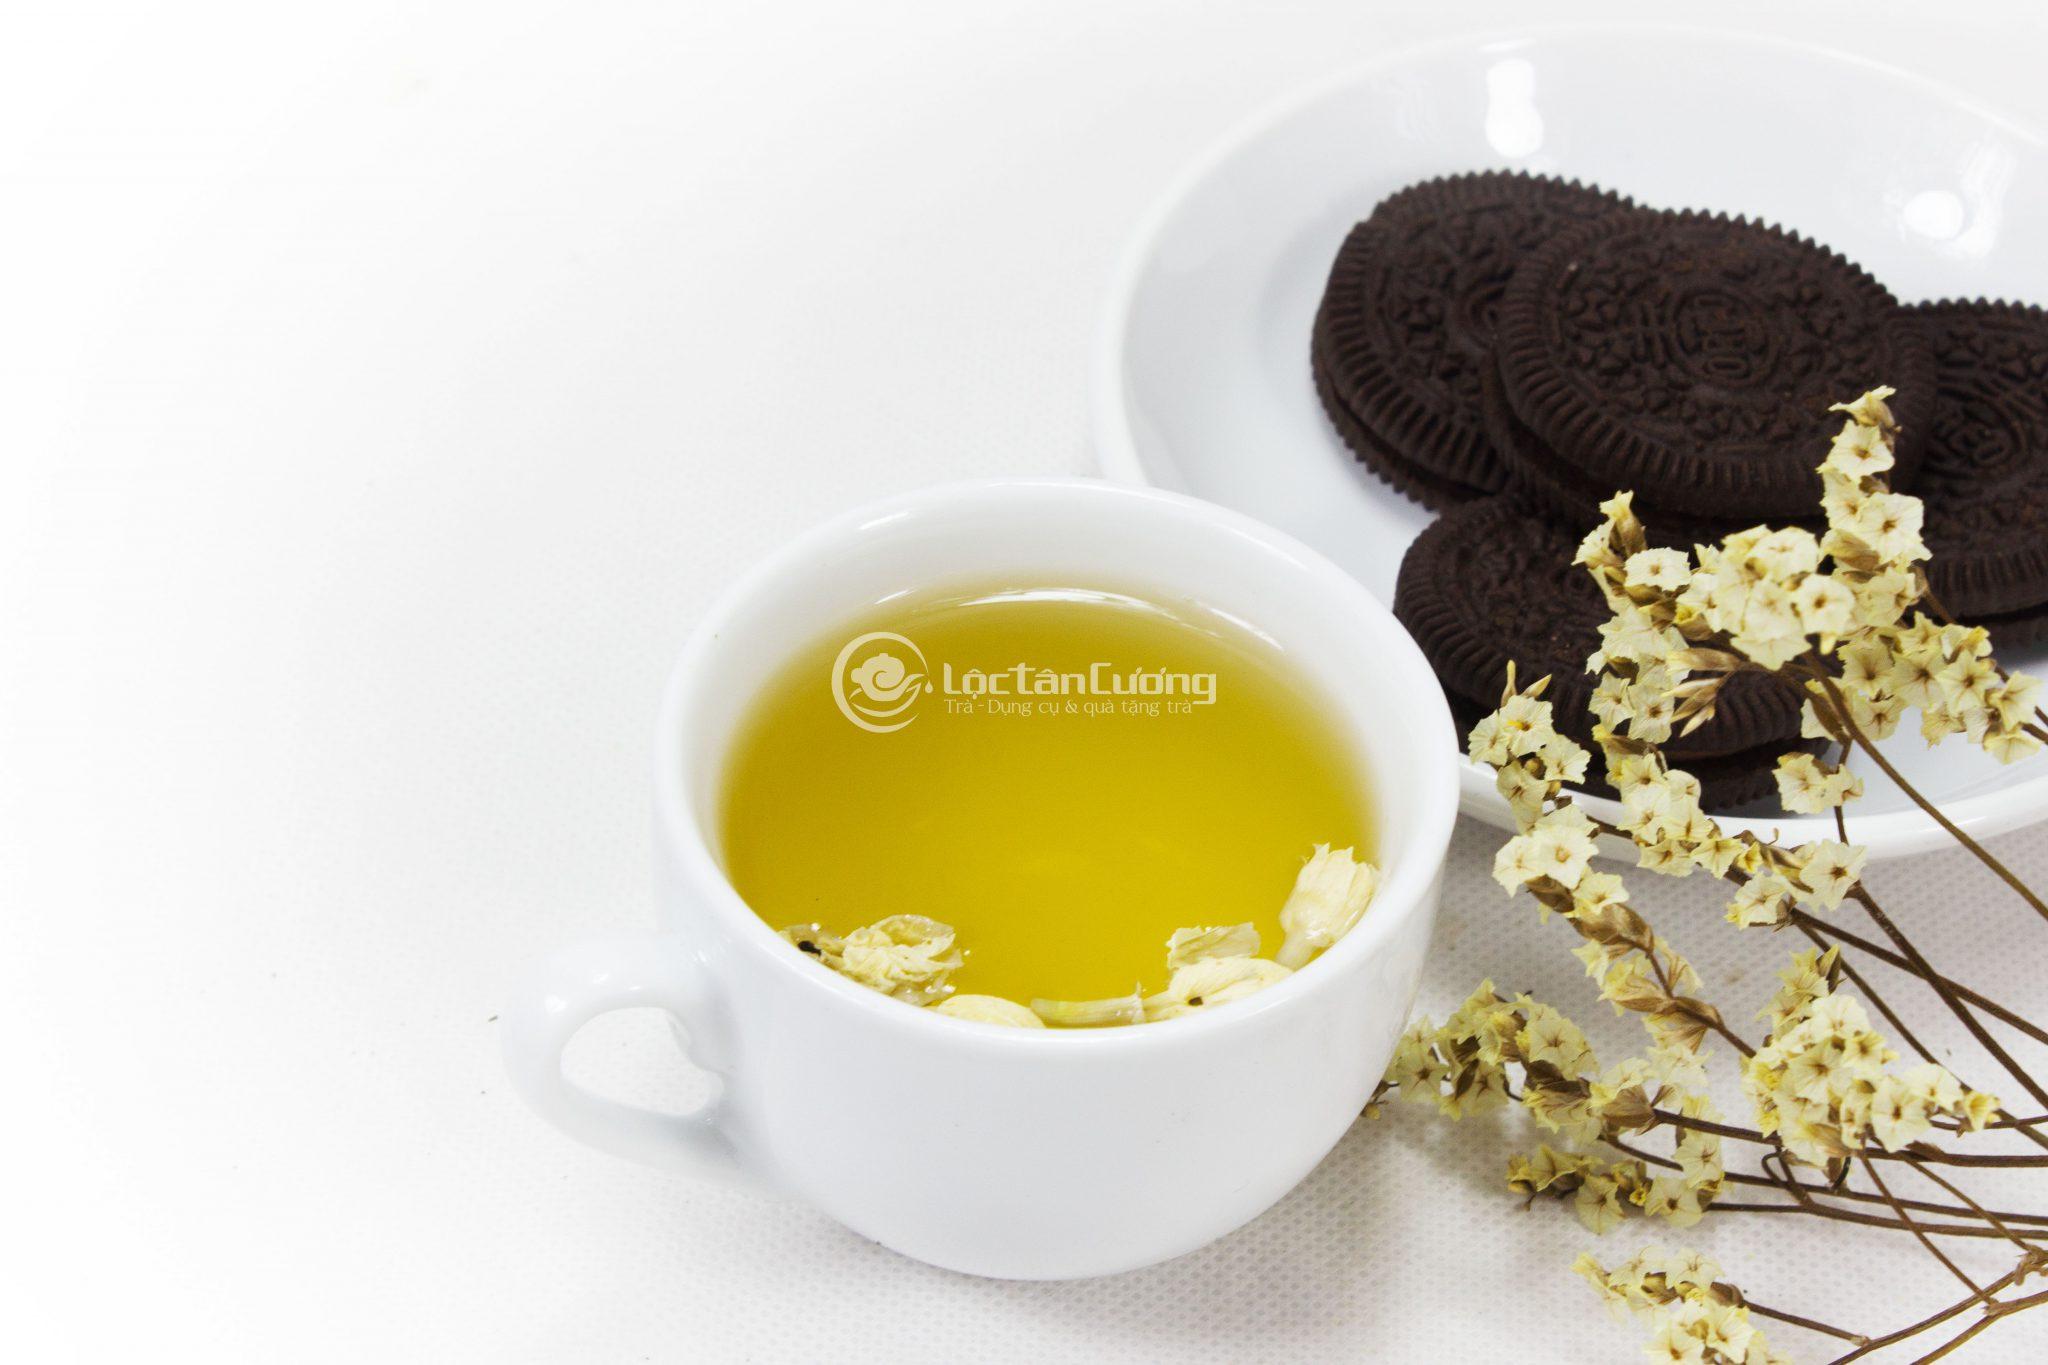 Nước trà hoa lài có màu vàng sánh